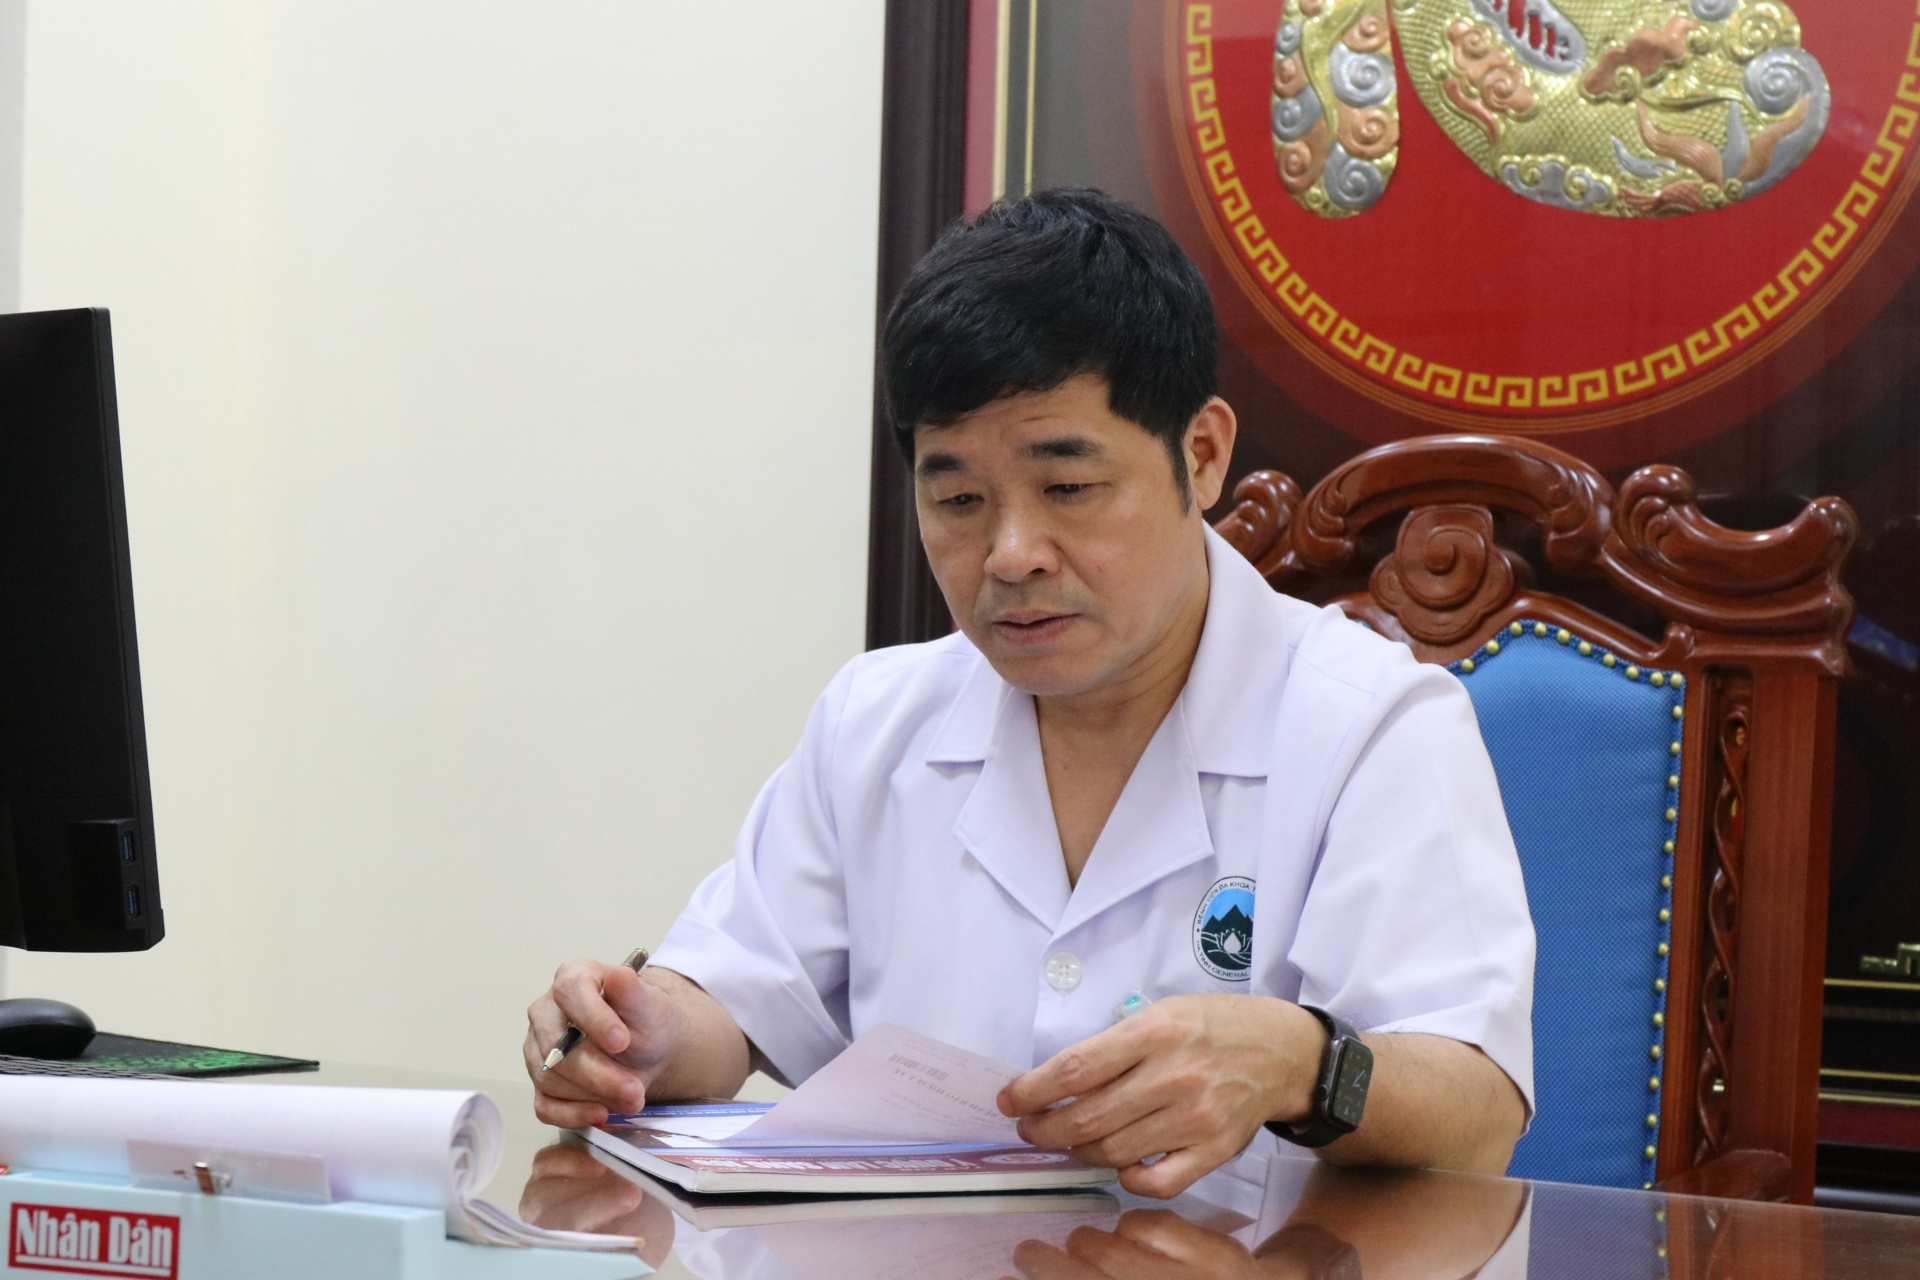 Bác sĩ Hoàng Quang Trung - điển hình học tập và làm theo gương Bác